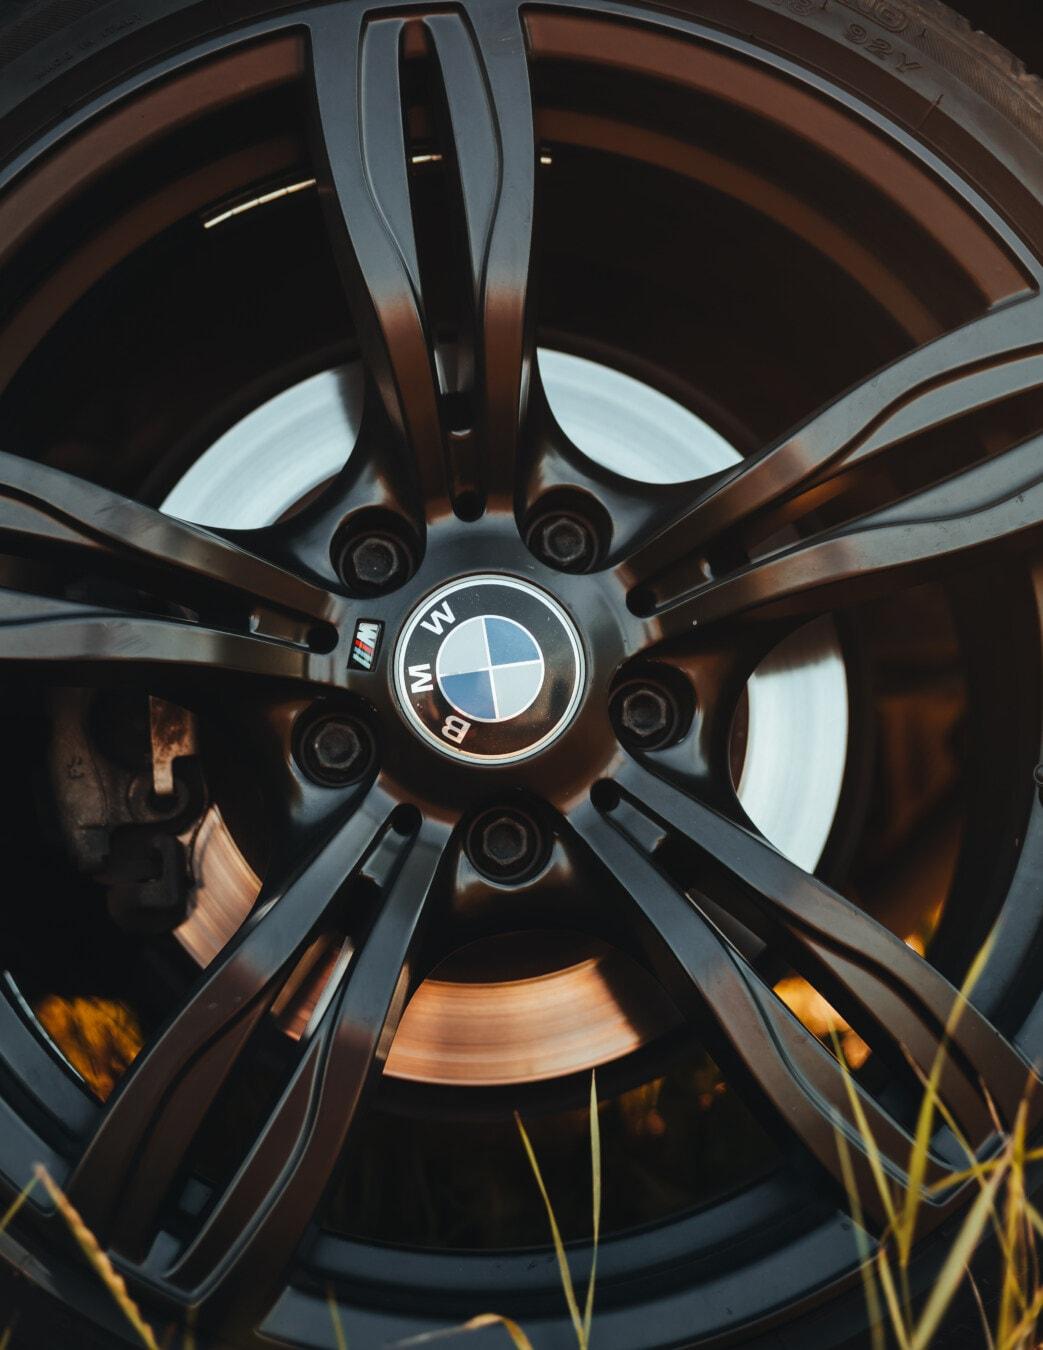 Schwarz, BMW, Legierung, Reifen, Aluminium, Felge, aus nächster Nähe, Fahrzeug, Maschine, Mechanismus